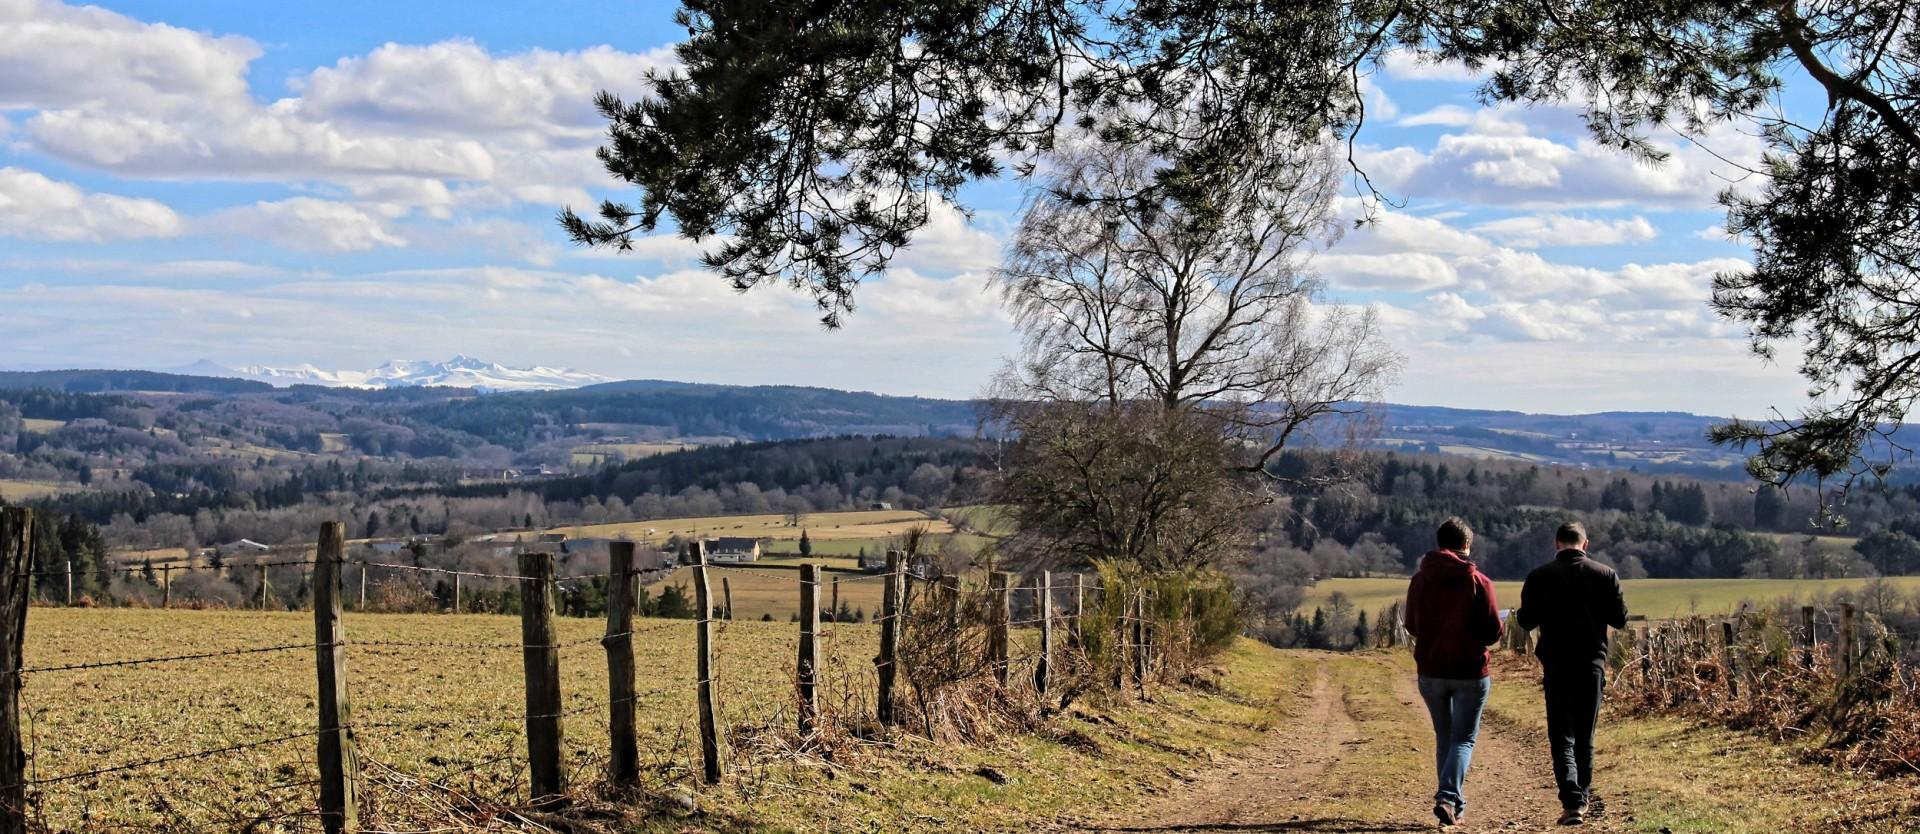 Bienvenue dans les Combrailles au coeur de l'Auvergne